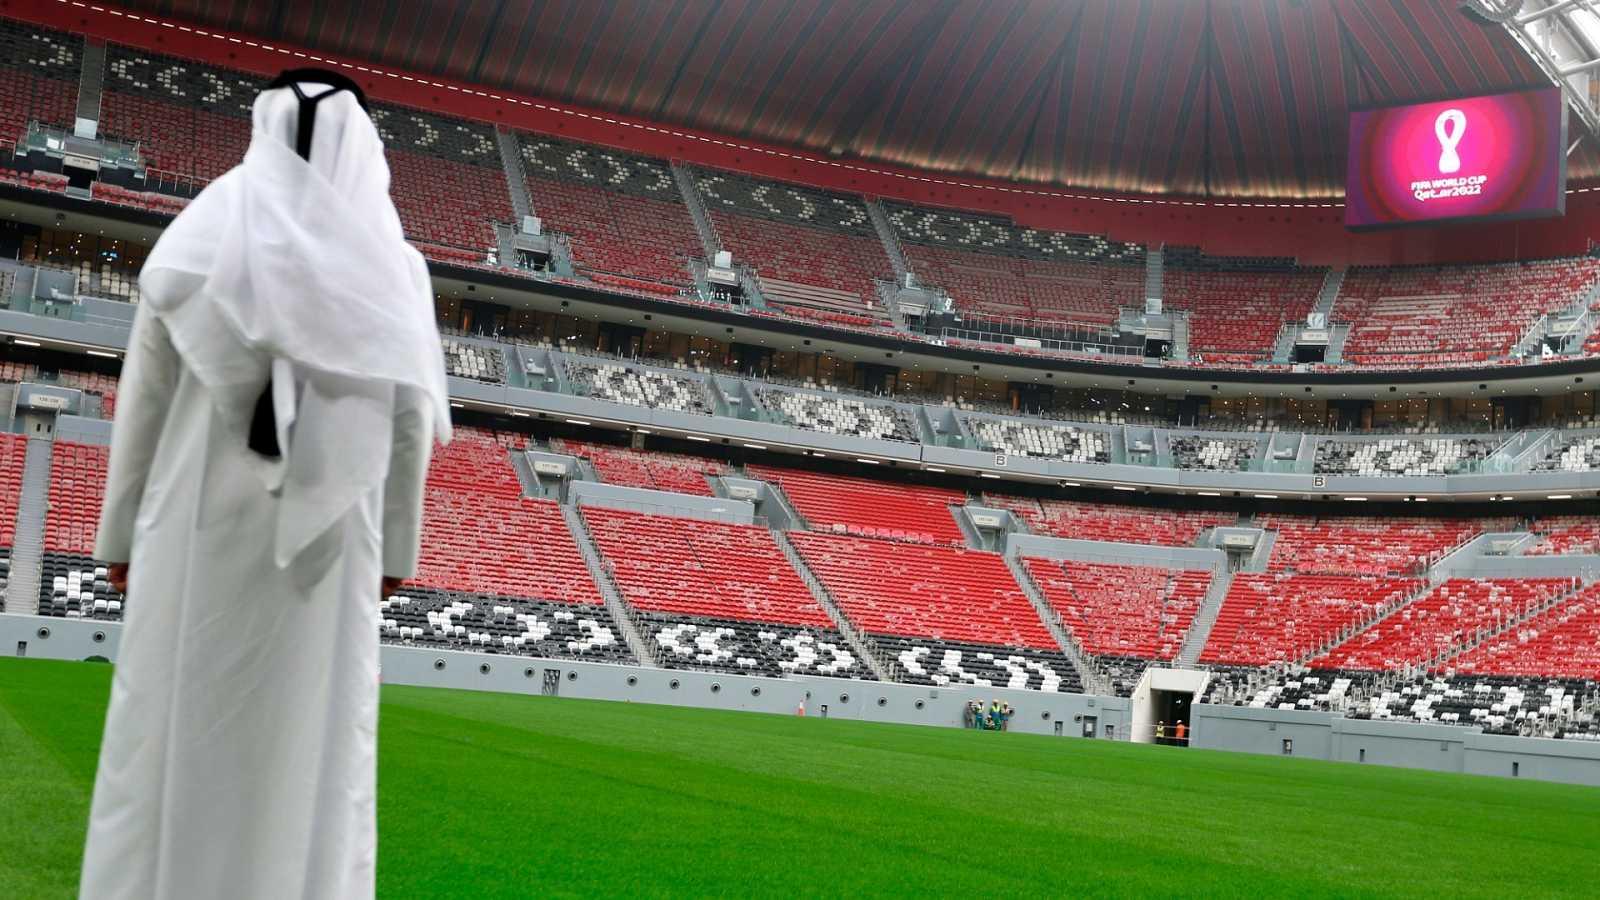 Vista del Estadio Al Bayt, una de las sedes del Mundial de Catar 2022